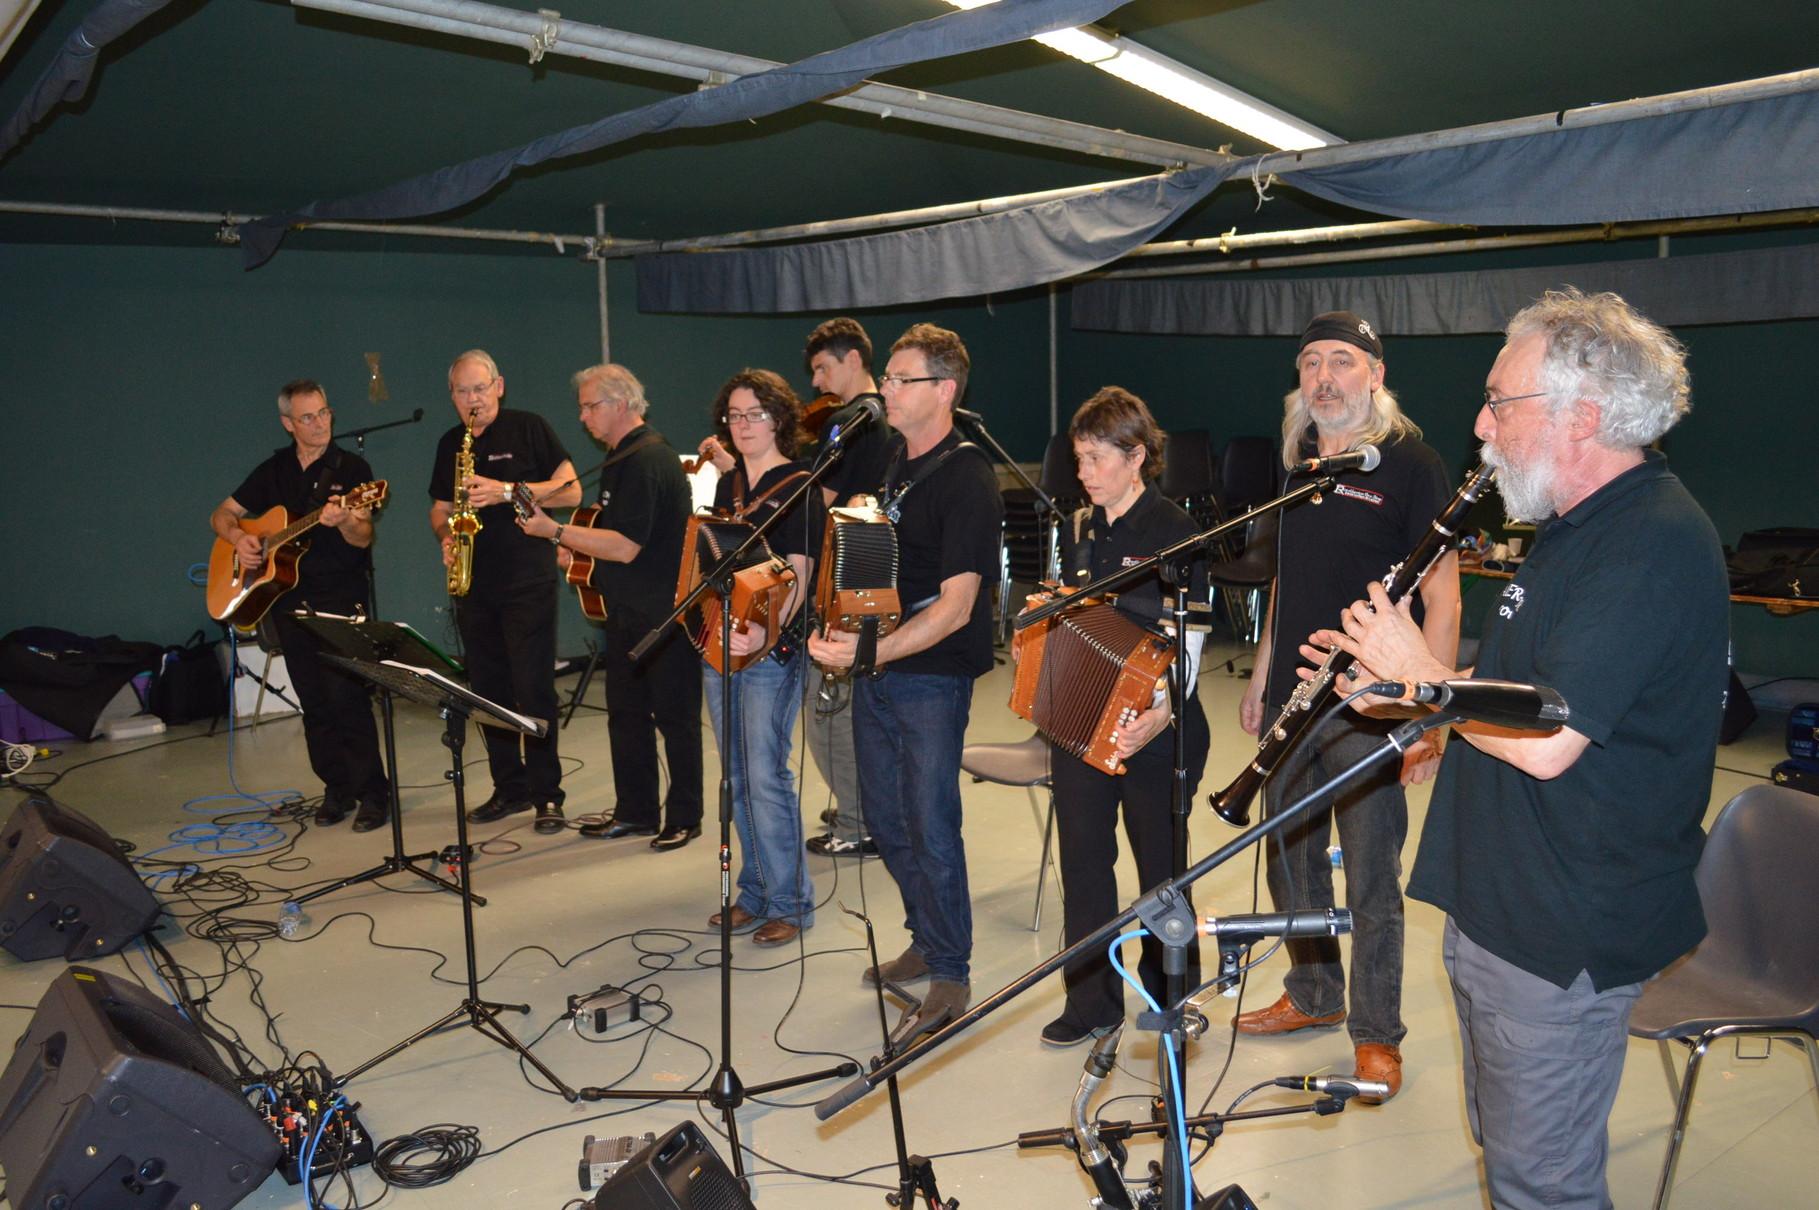 Le final, tous les musiciens réunis avec le groupe Tal er mor